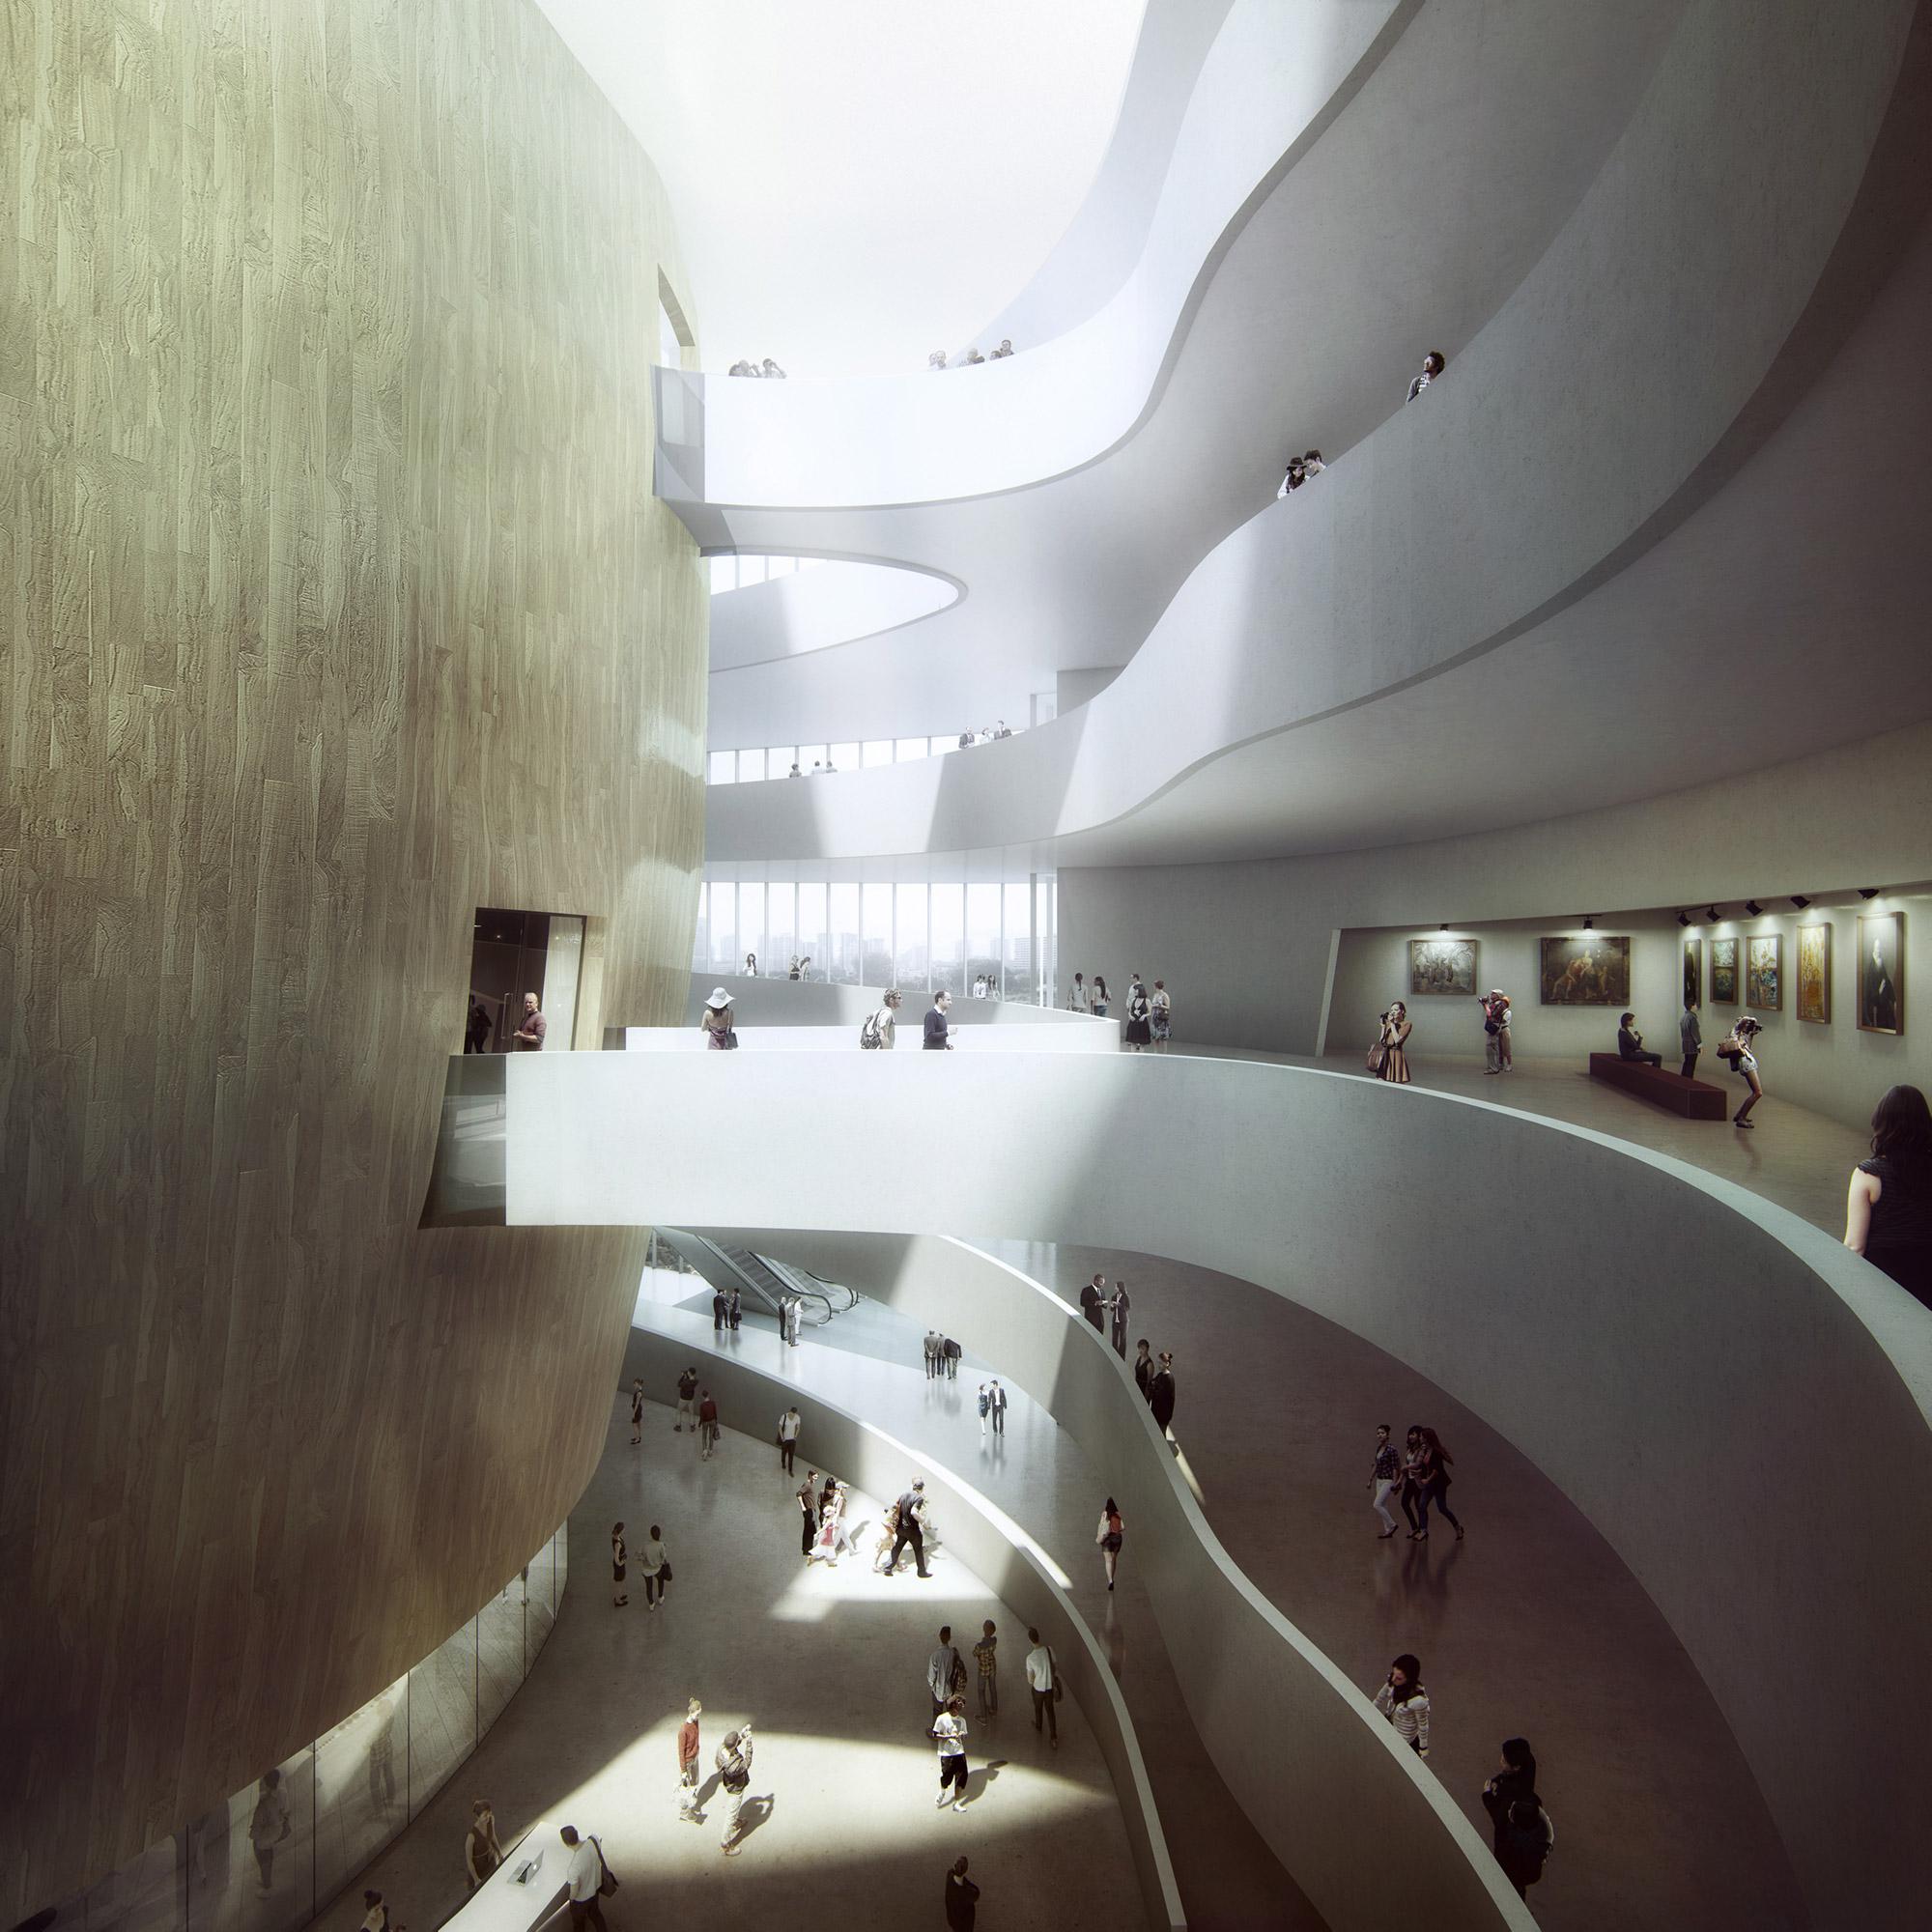 """说明: \\fileserver2\EID-ARCH\02 报奖资料汇总\WAF 2018\""""OCT XI'AN International Center""""(Commercial mixed-use - Future Project)\files\OXIC05.jpg"""